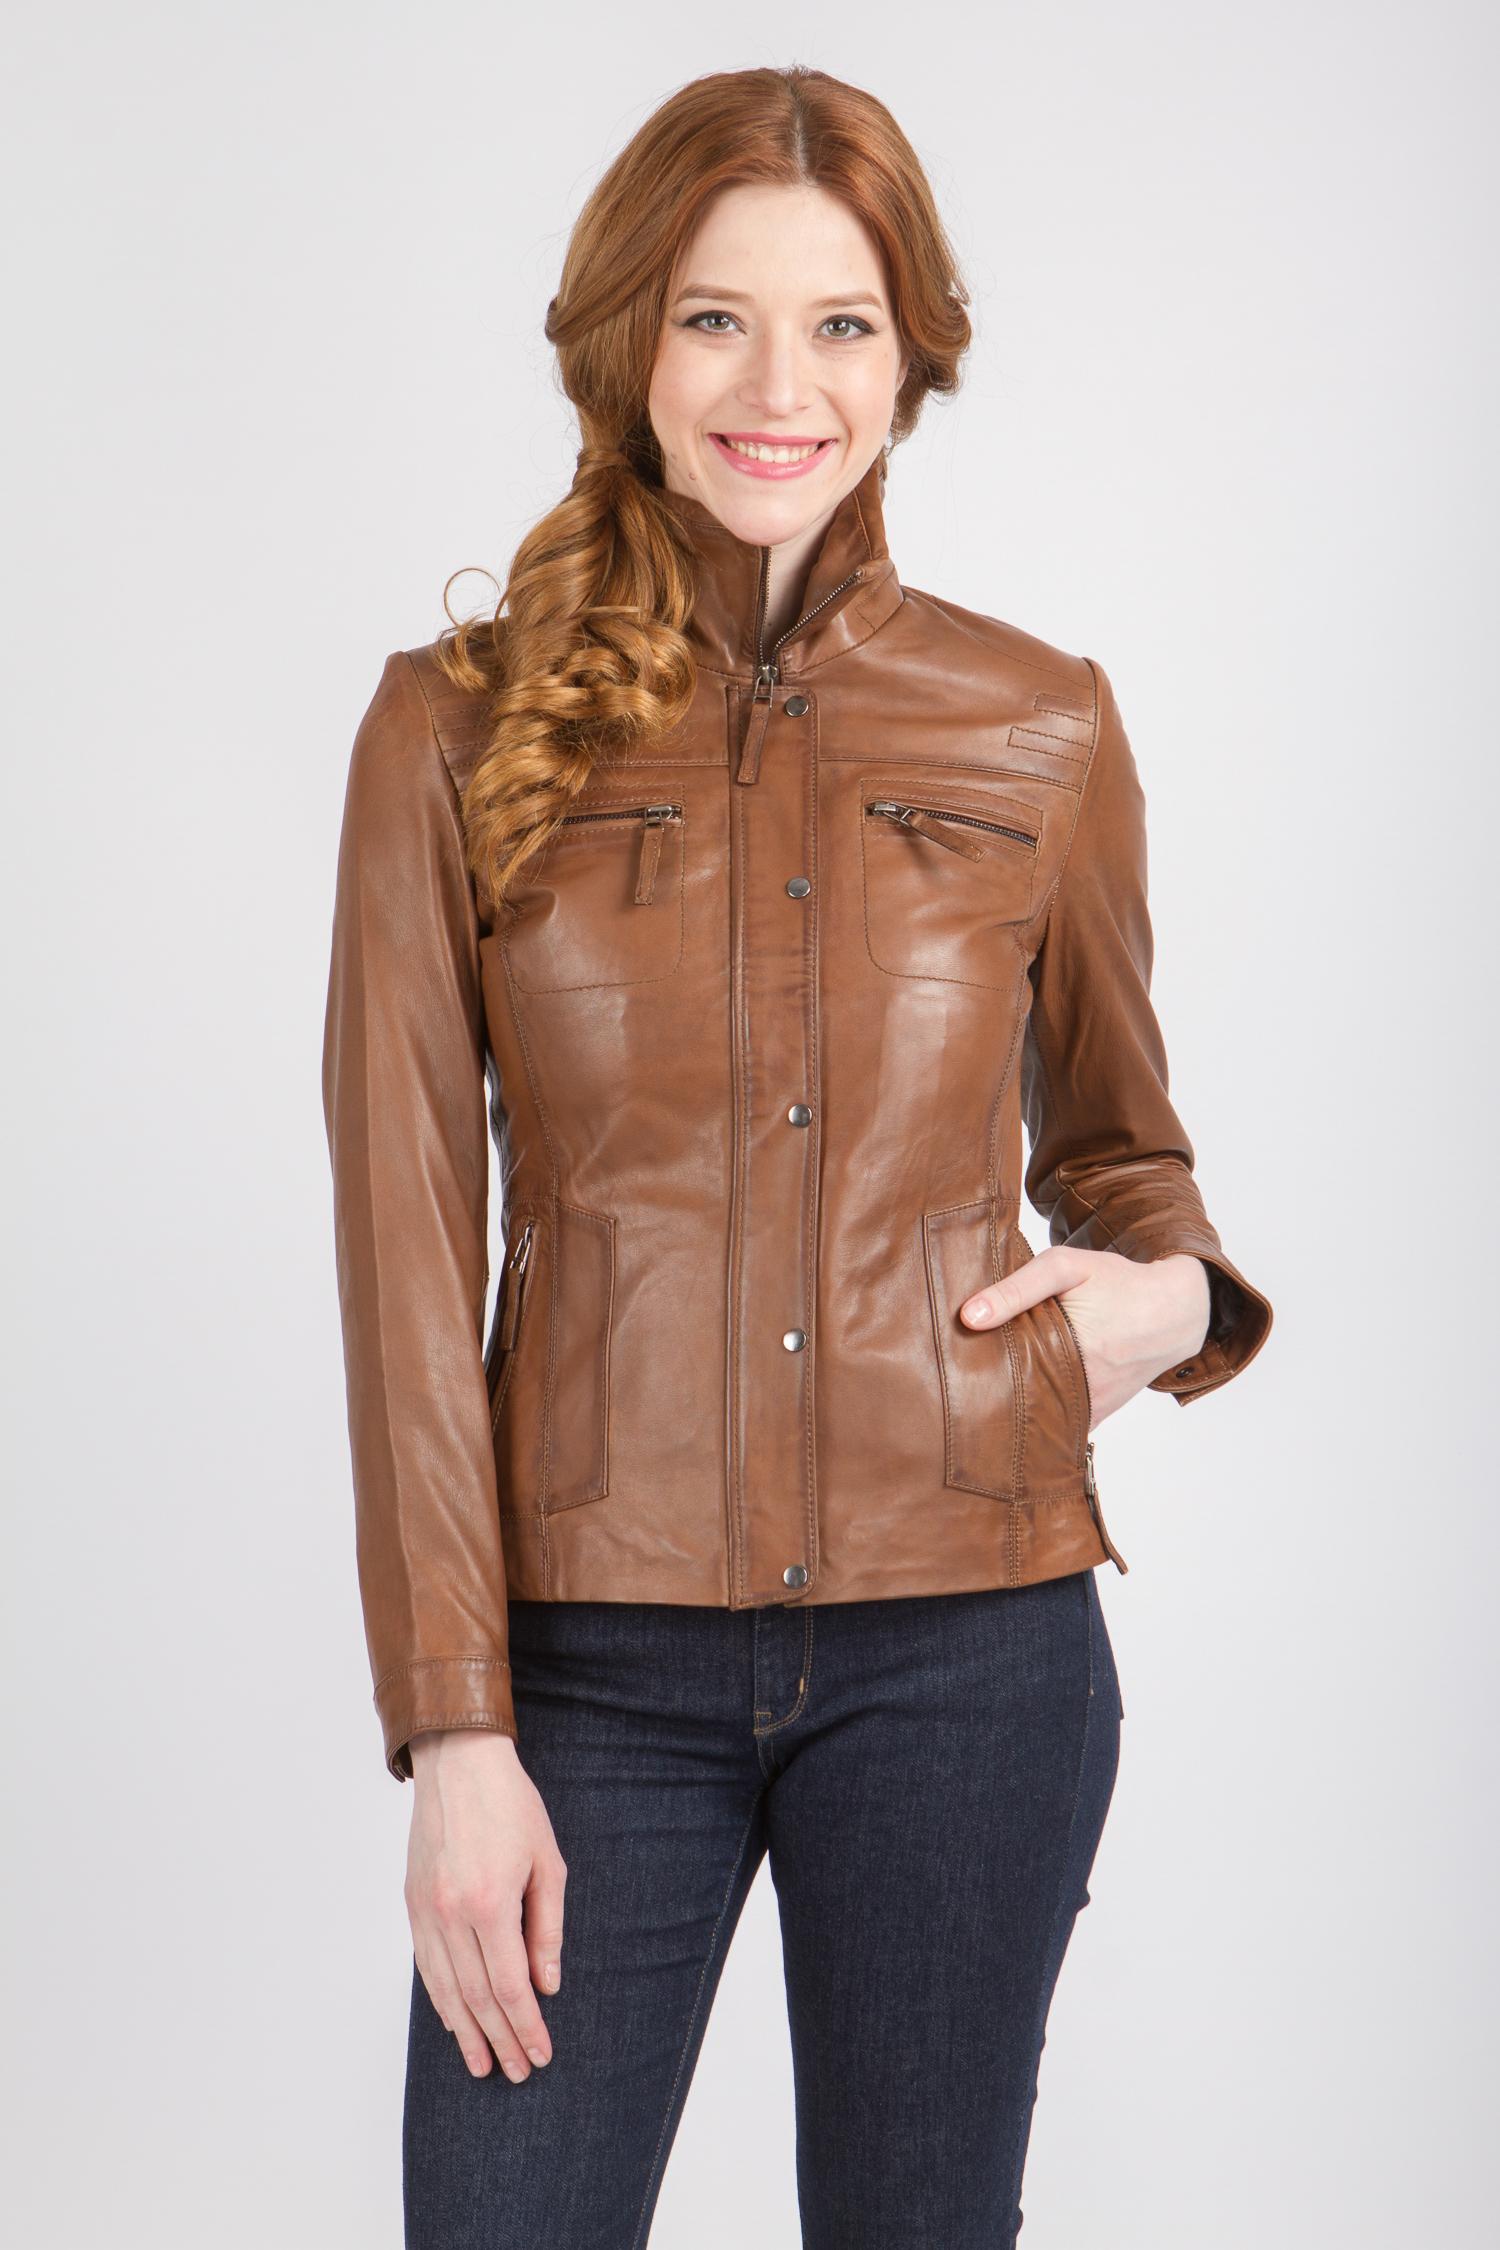 Женская кожаная куртка из натуральной кожи с воротником, без отделки<br><br>Воротник: стойка<br>Длина см: Короткая (51-74 )<br>Материал: Кожа овчина<br>Цвет: коричневый<br>Вид застежки: центральная<br>Застежка: на молнии<br>Пол: Женский<br>Размер RU: 48